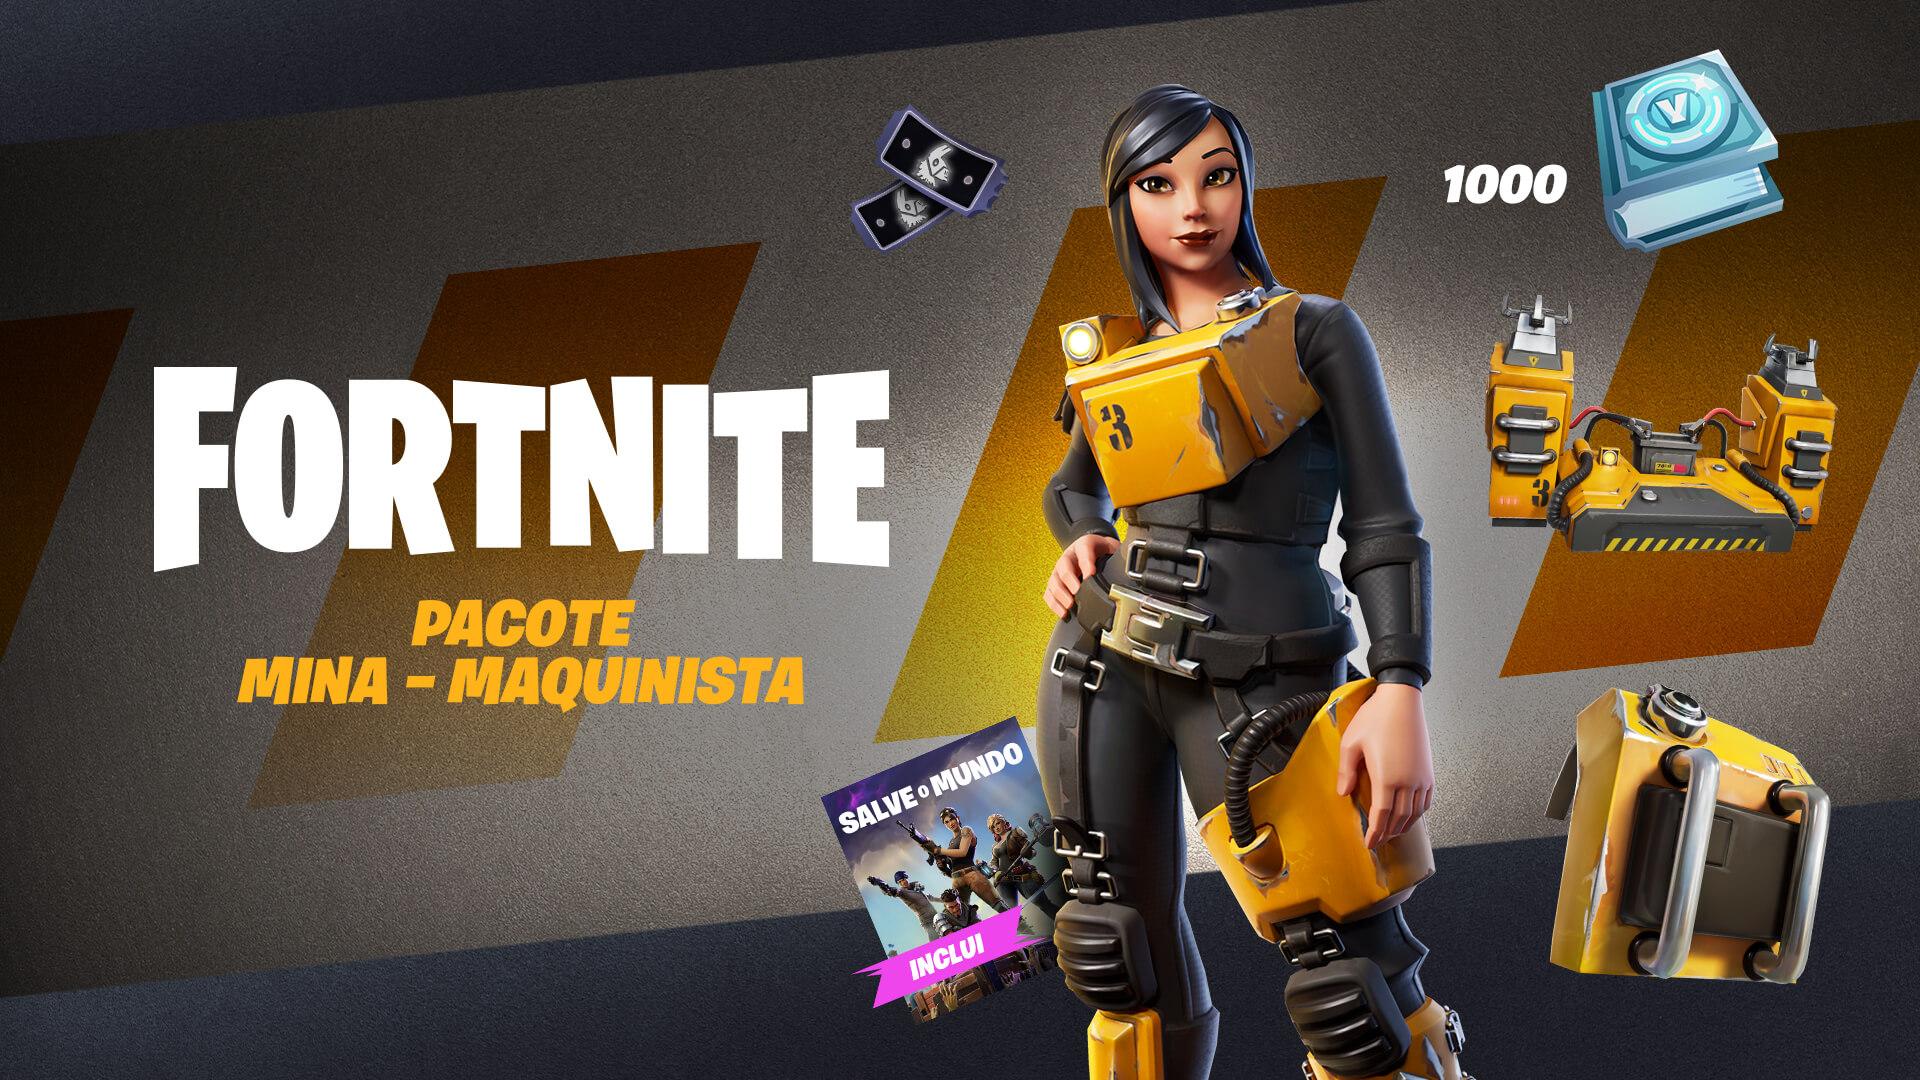 Fortnite Save The World Machinist Mina Pack PTBR